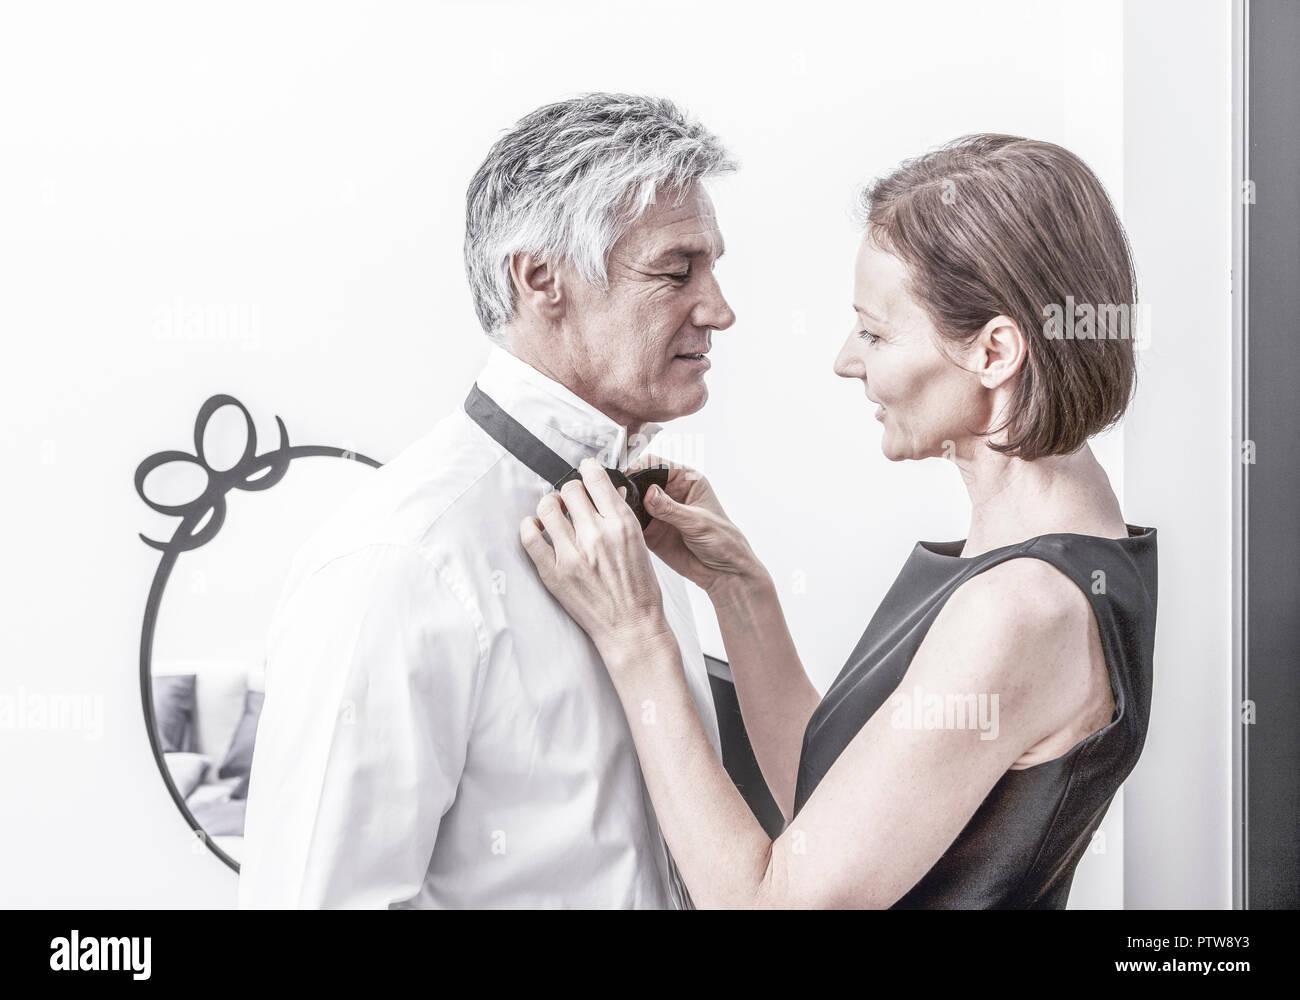 Paar, Frau bindet Mann die Fliege (model-released) Stock Photo